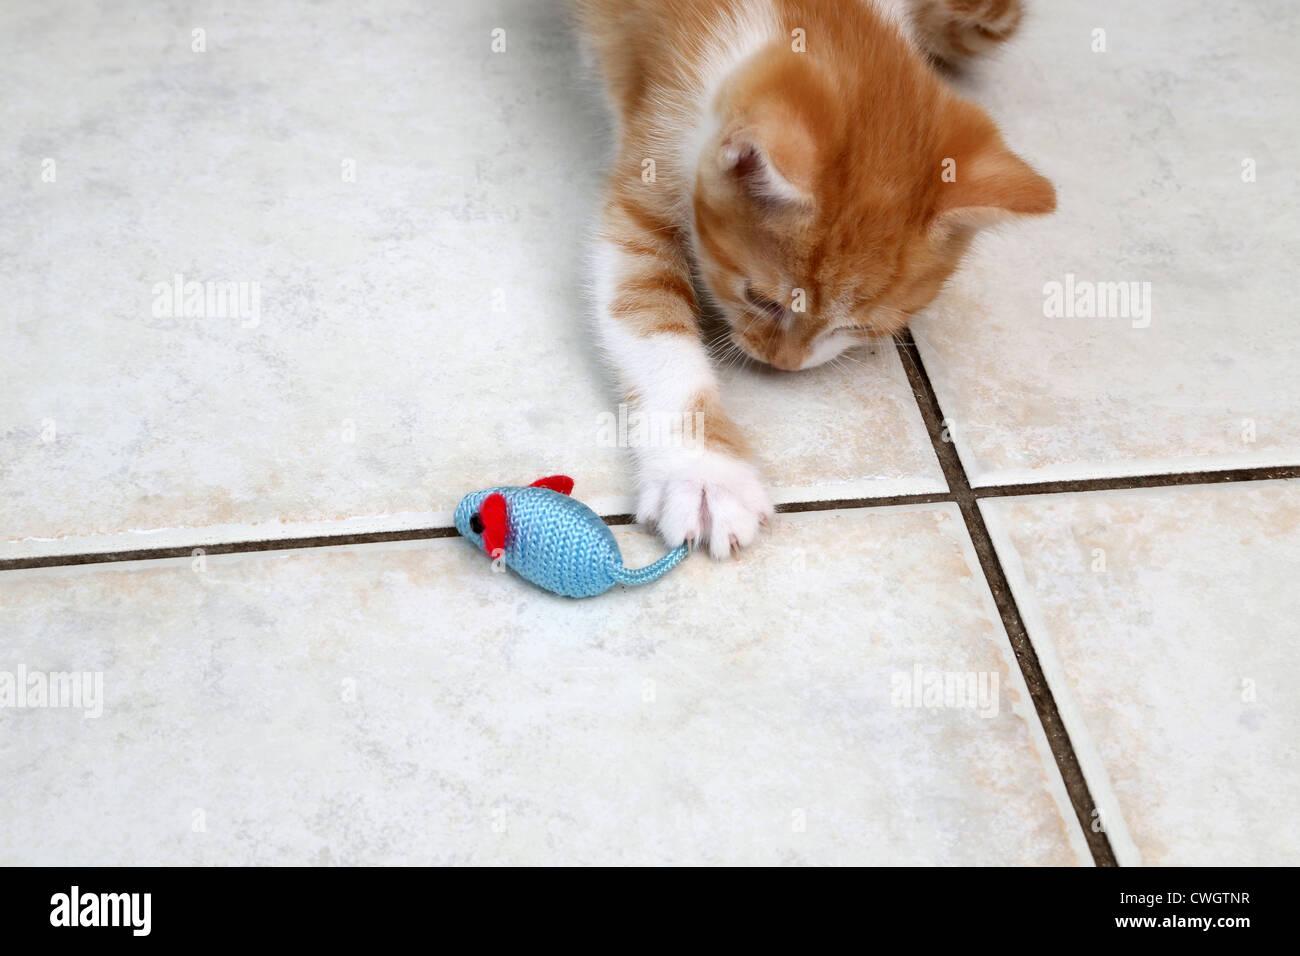 Le gingembre et le chaton blanc jouant avec une souris Jouet Banque D'Images